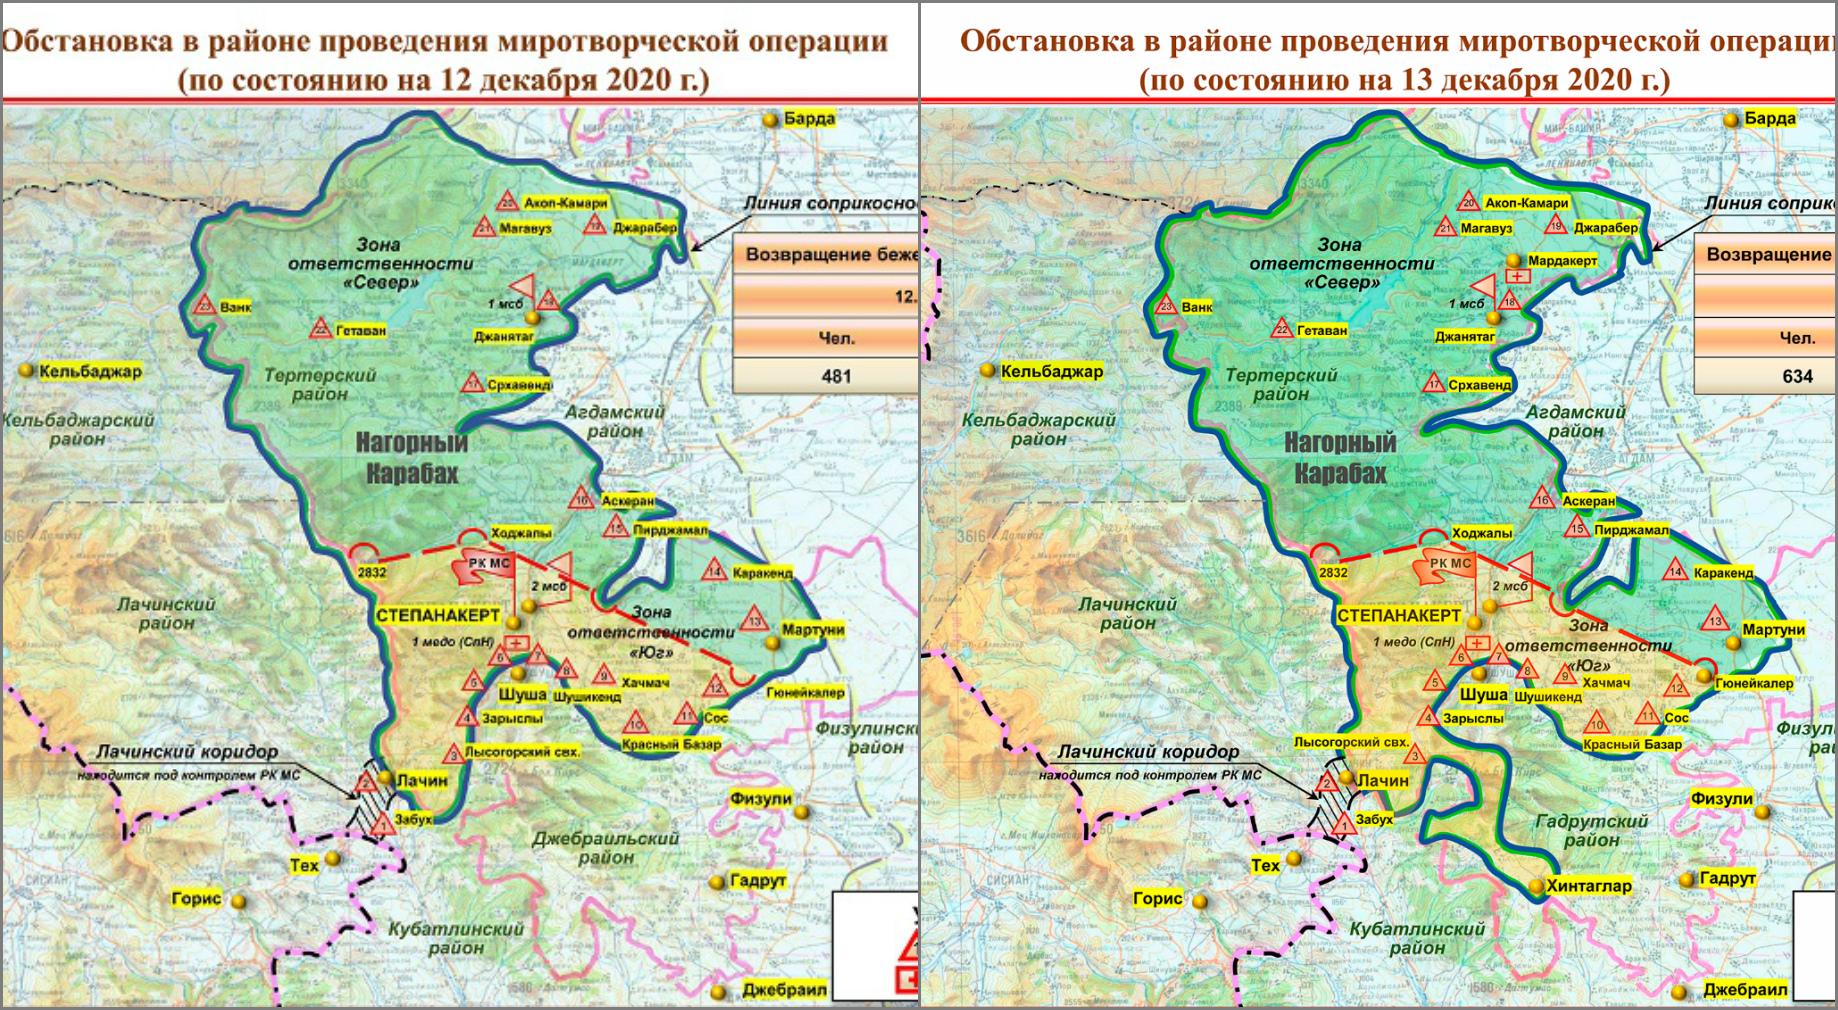 Photo of «Ռուսական դրոշի բարձրացումը Հին Թաղերում ու Խծաբերդում «օրհնվի էն սհաթի» հազարմեկերորդ դրսորումն էր»